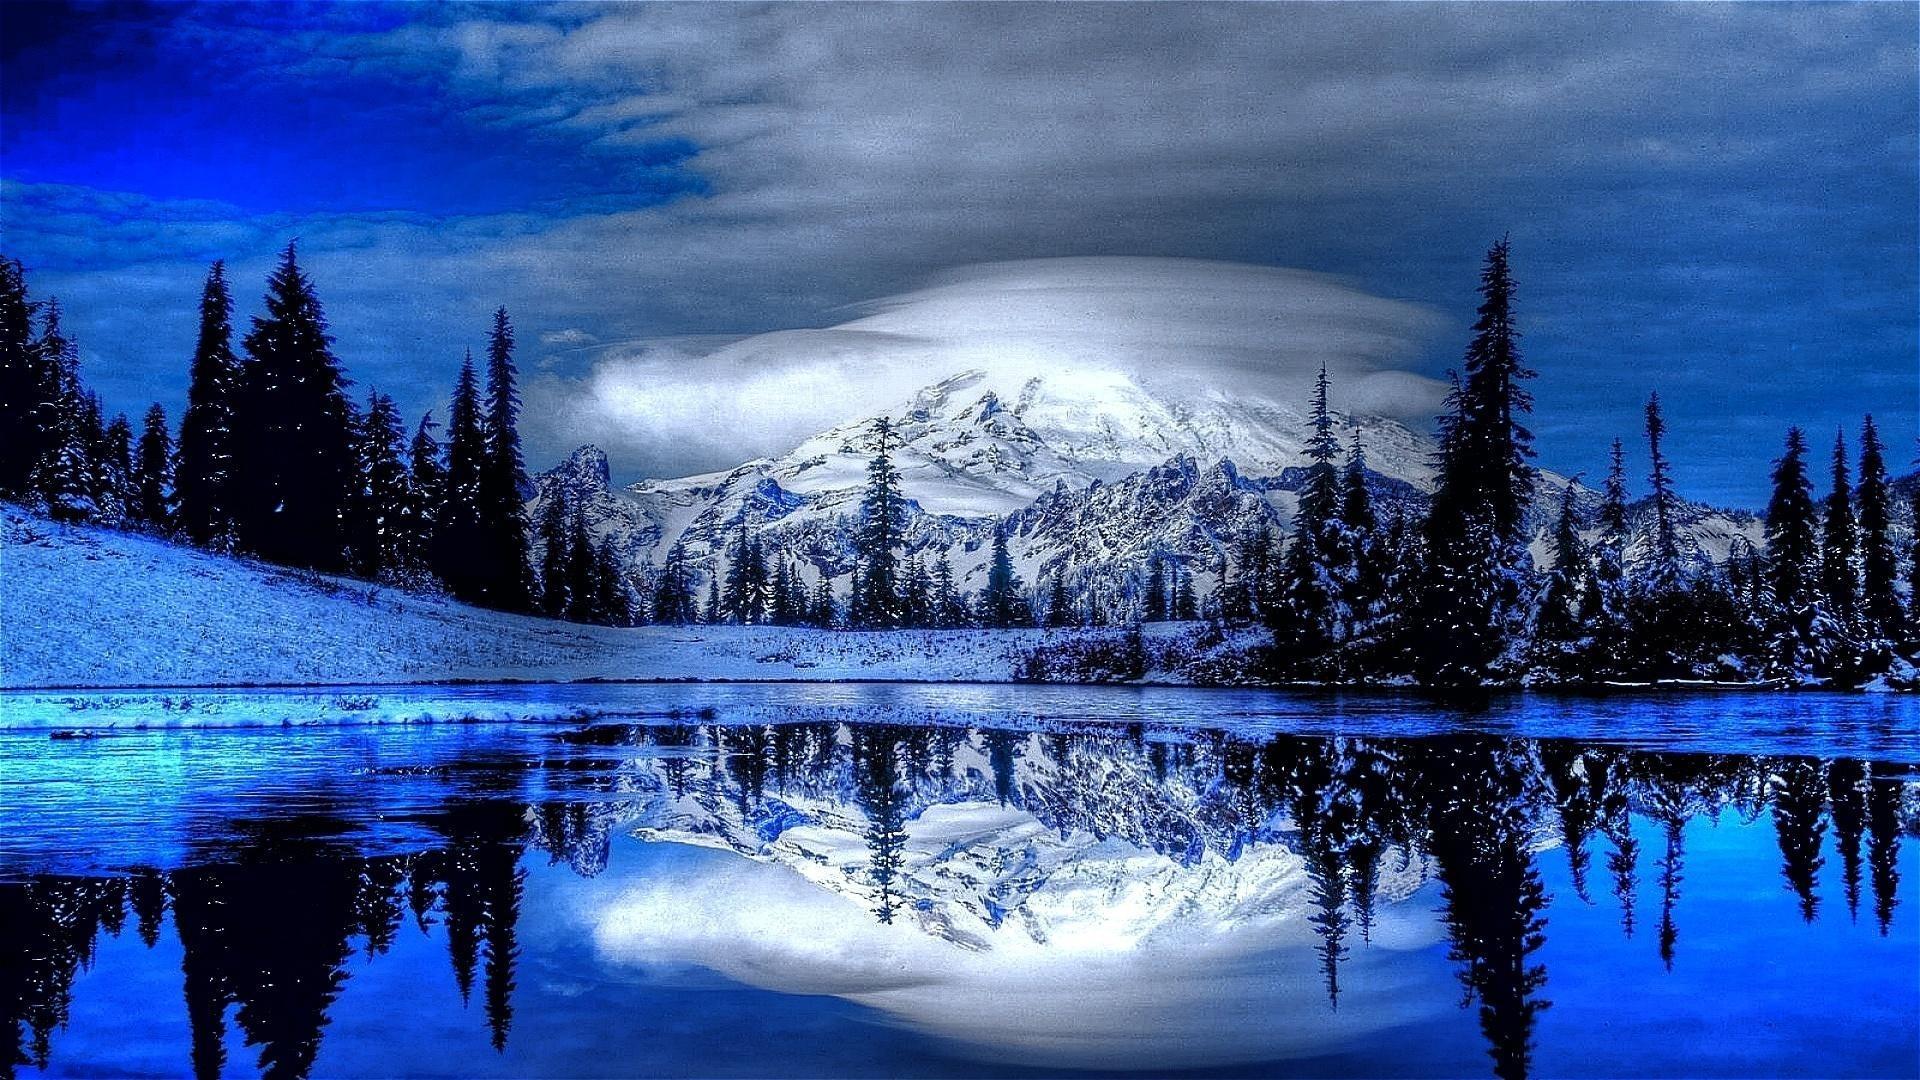 winter landscape full hd fond d'écran and arrière-plan | 1920x1080